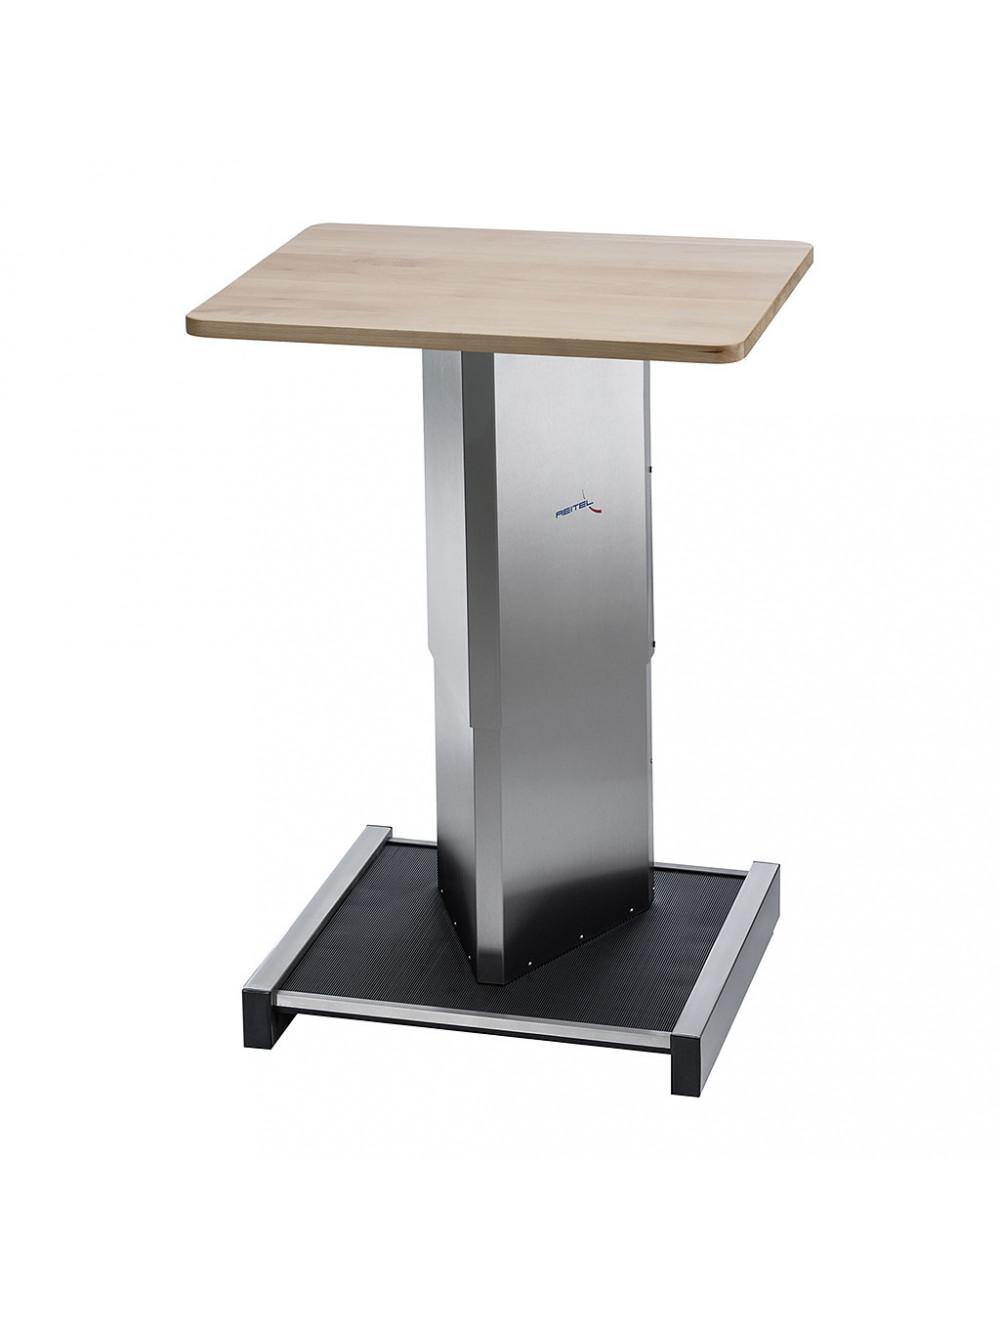 Das Produkt Reitel Vario-Hubtisch 24800000 aus dem Global-dent online shop.